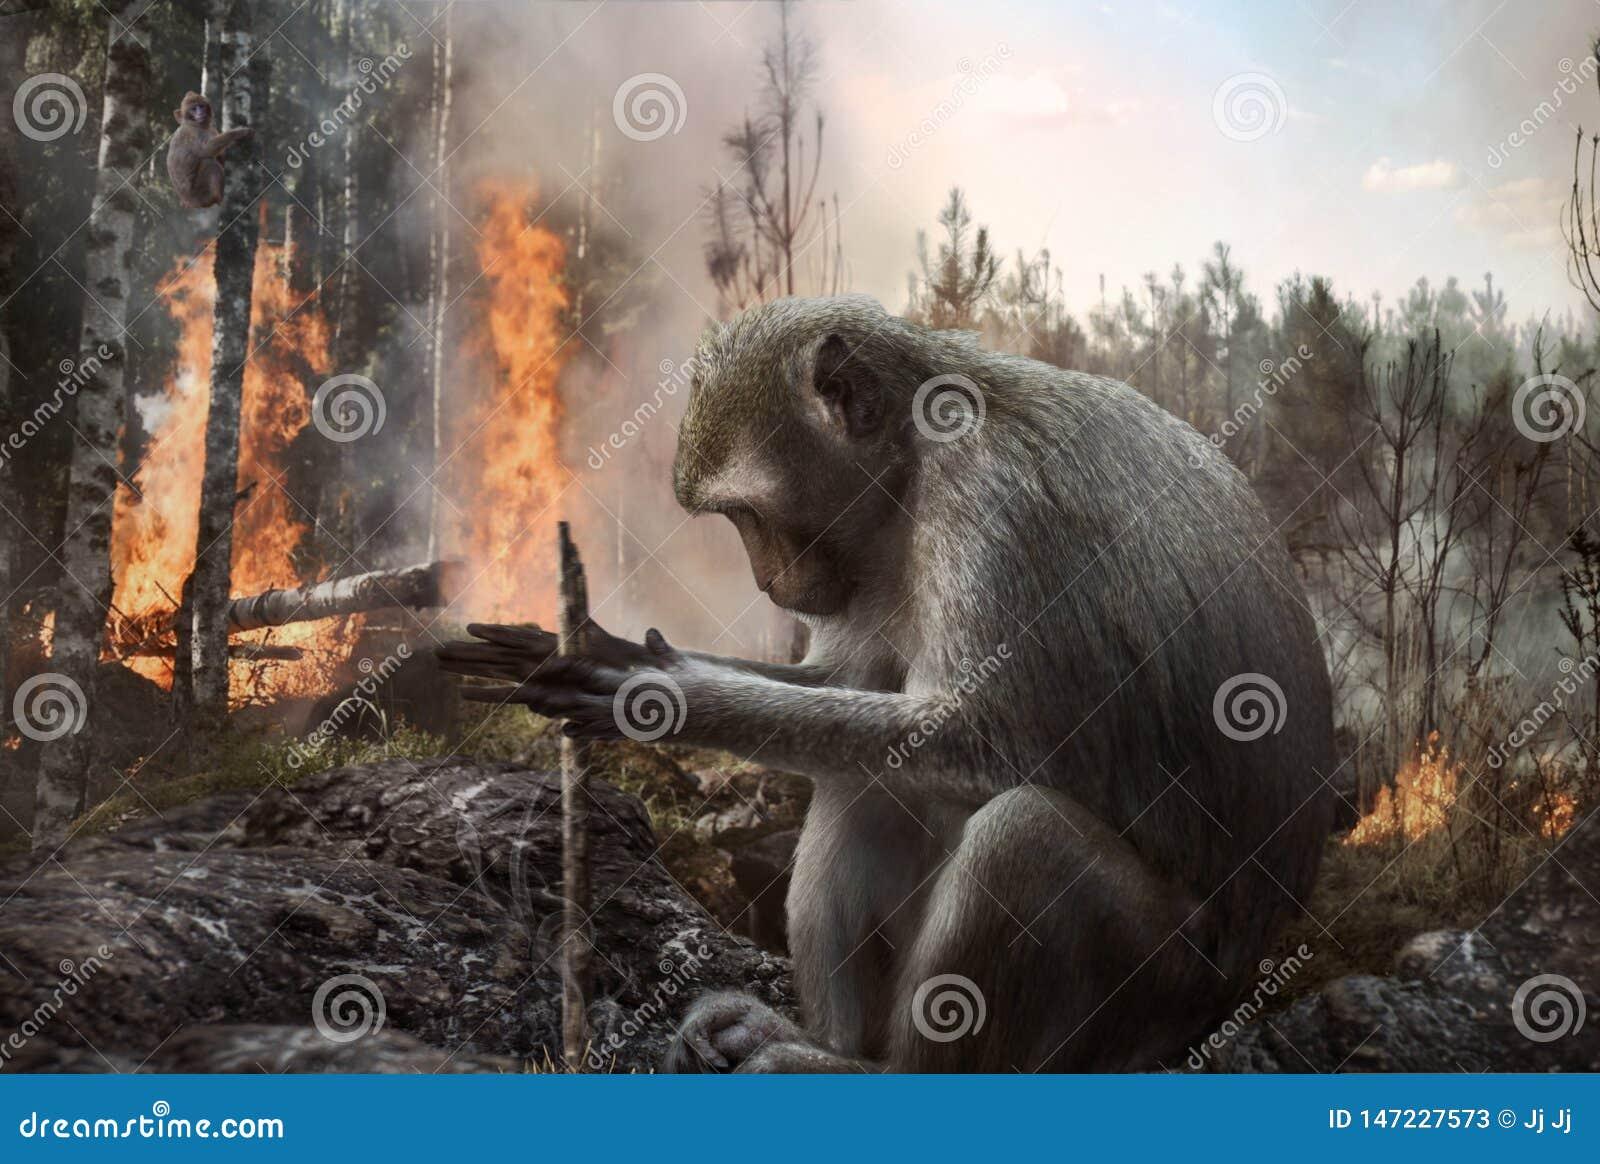 Mokey de pyromane mettant le feu dans le déboisement de forêt, danger, environnement